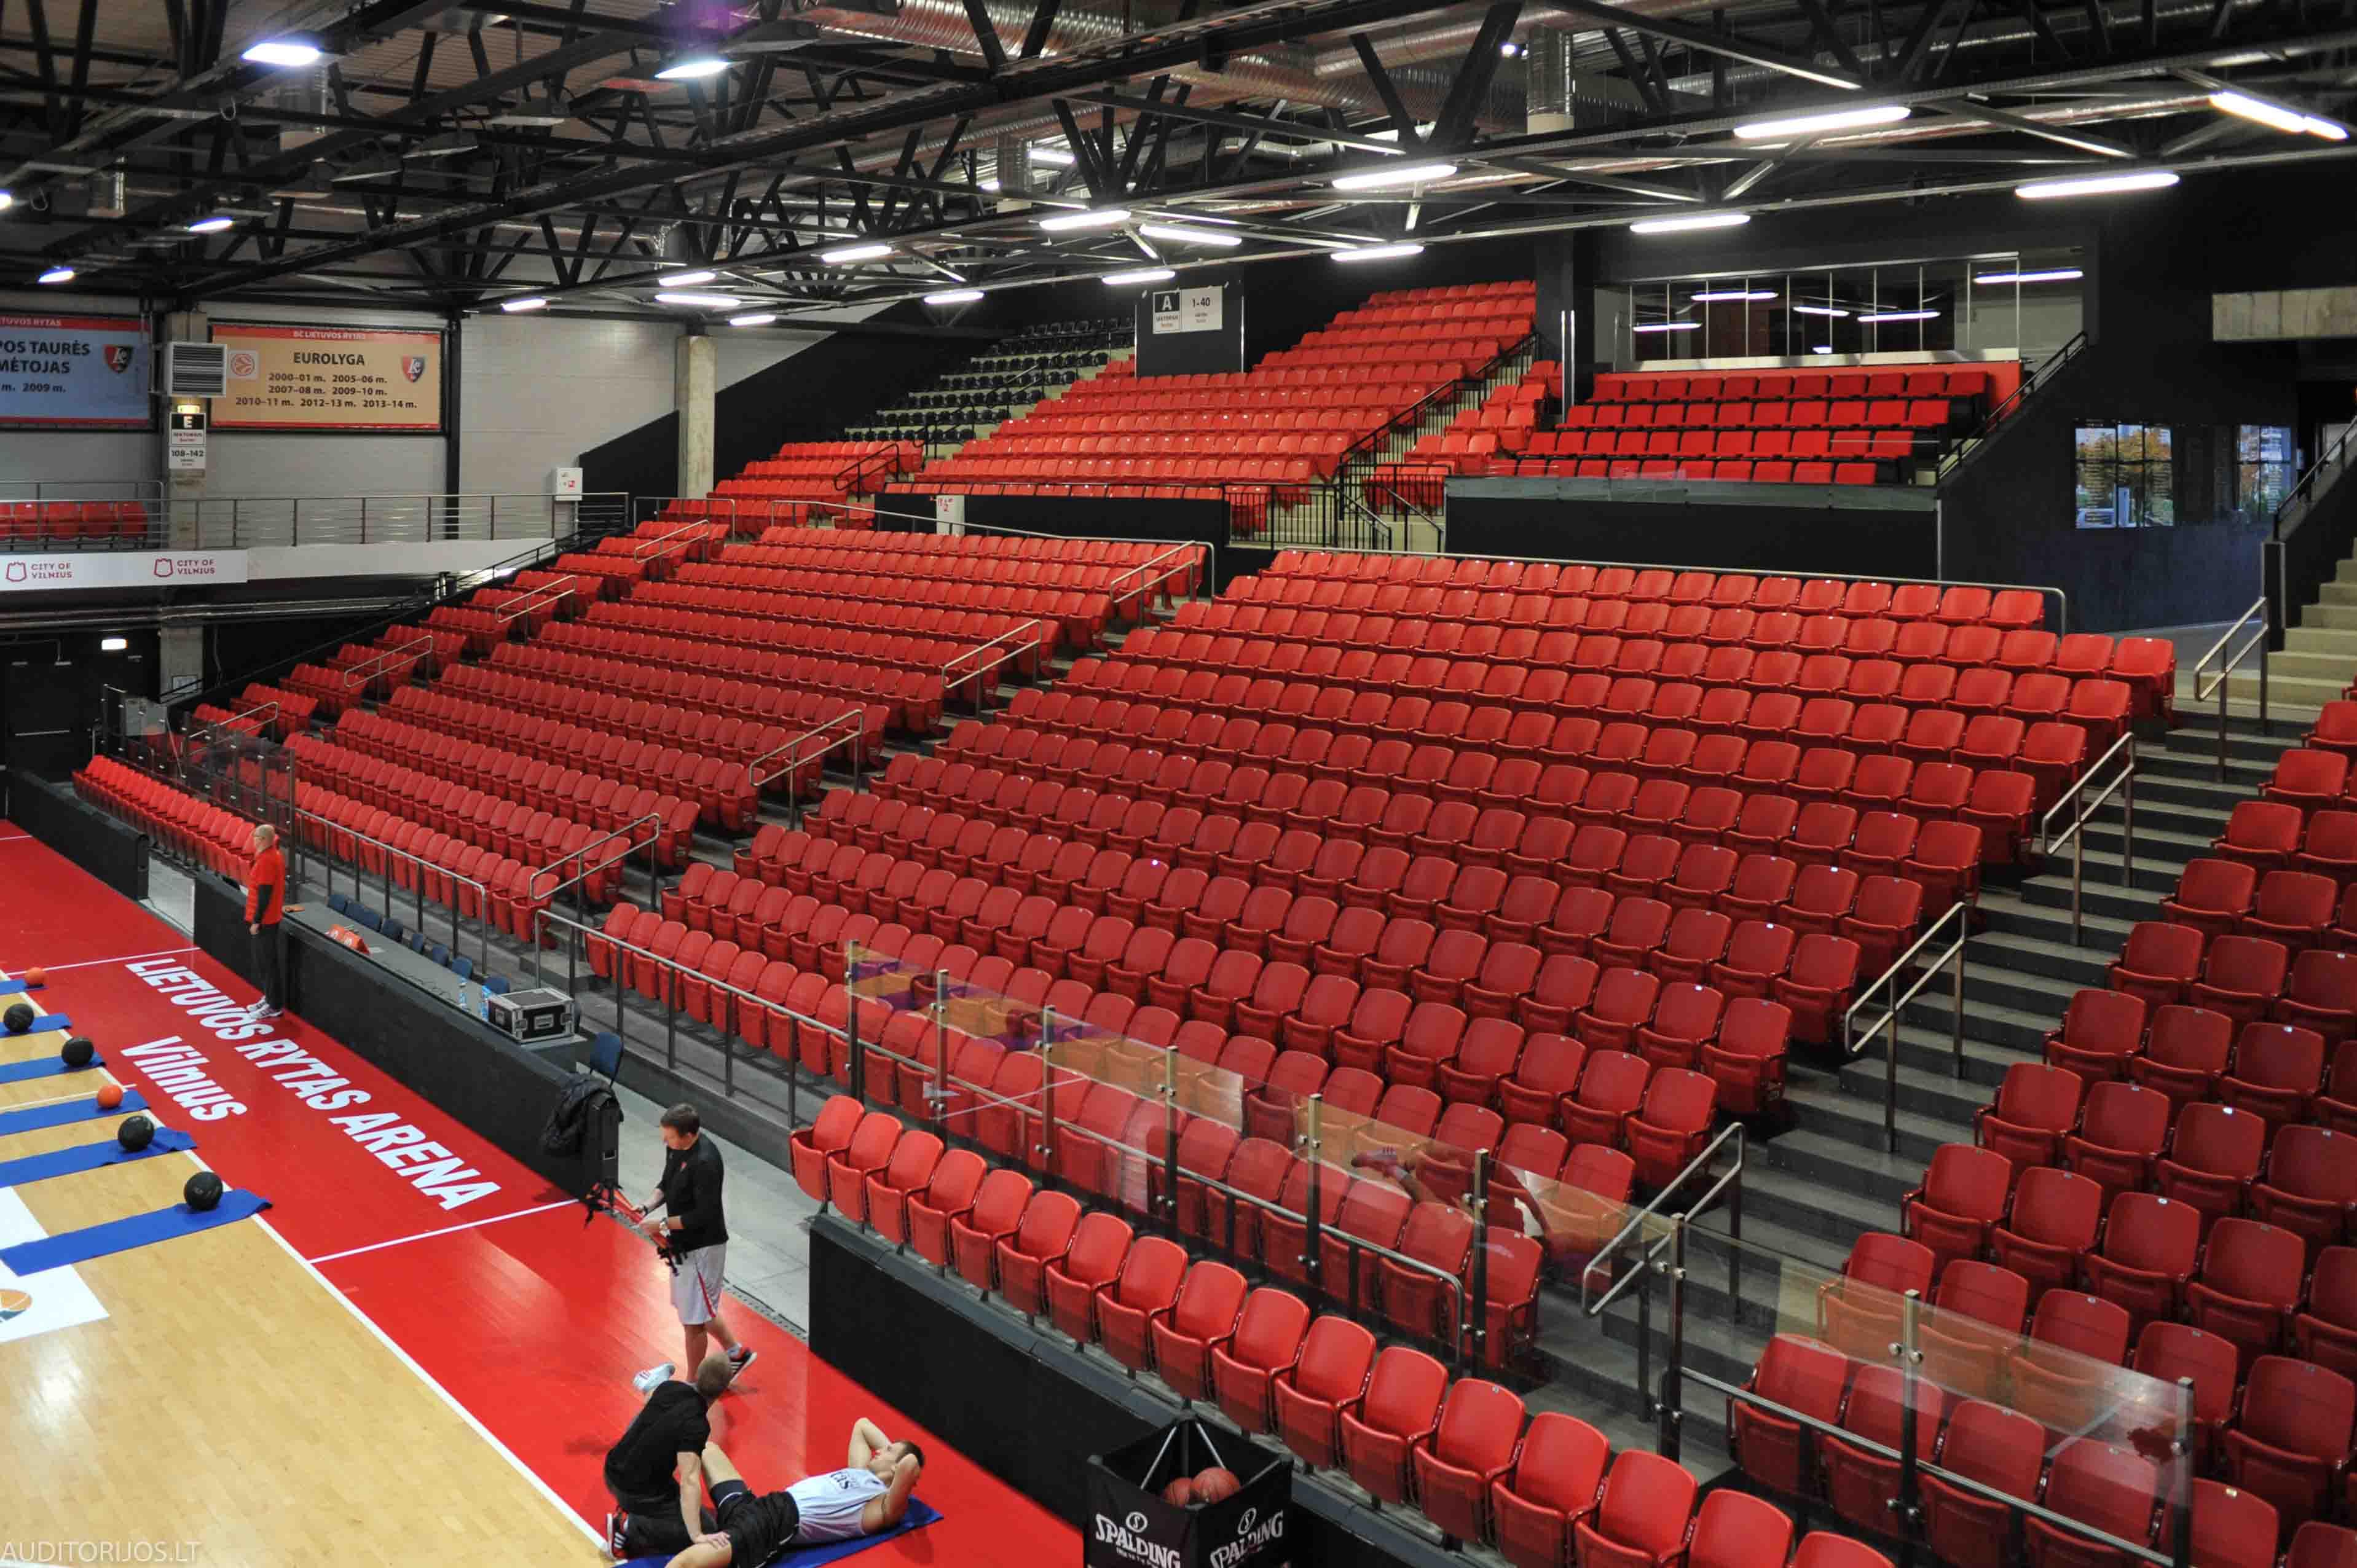 Lietuvos Rytas Arena Seating Vertika DSC_3344